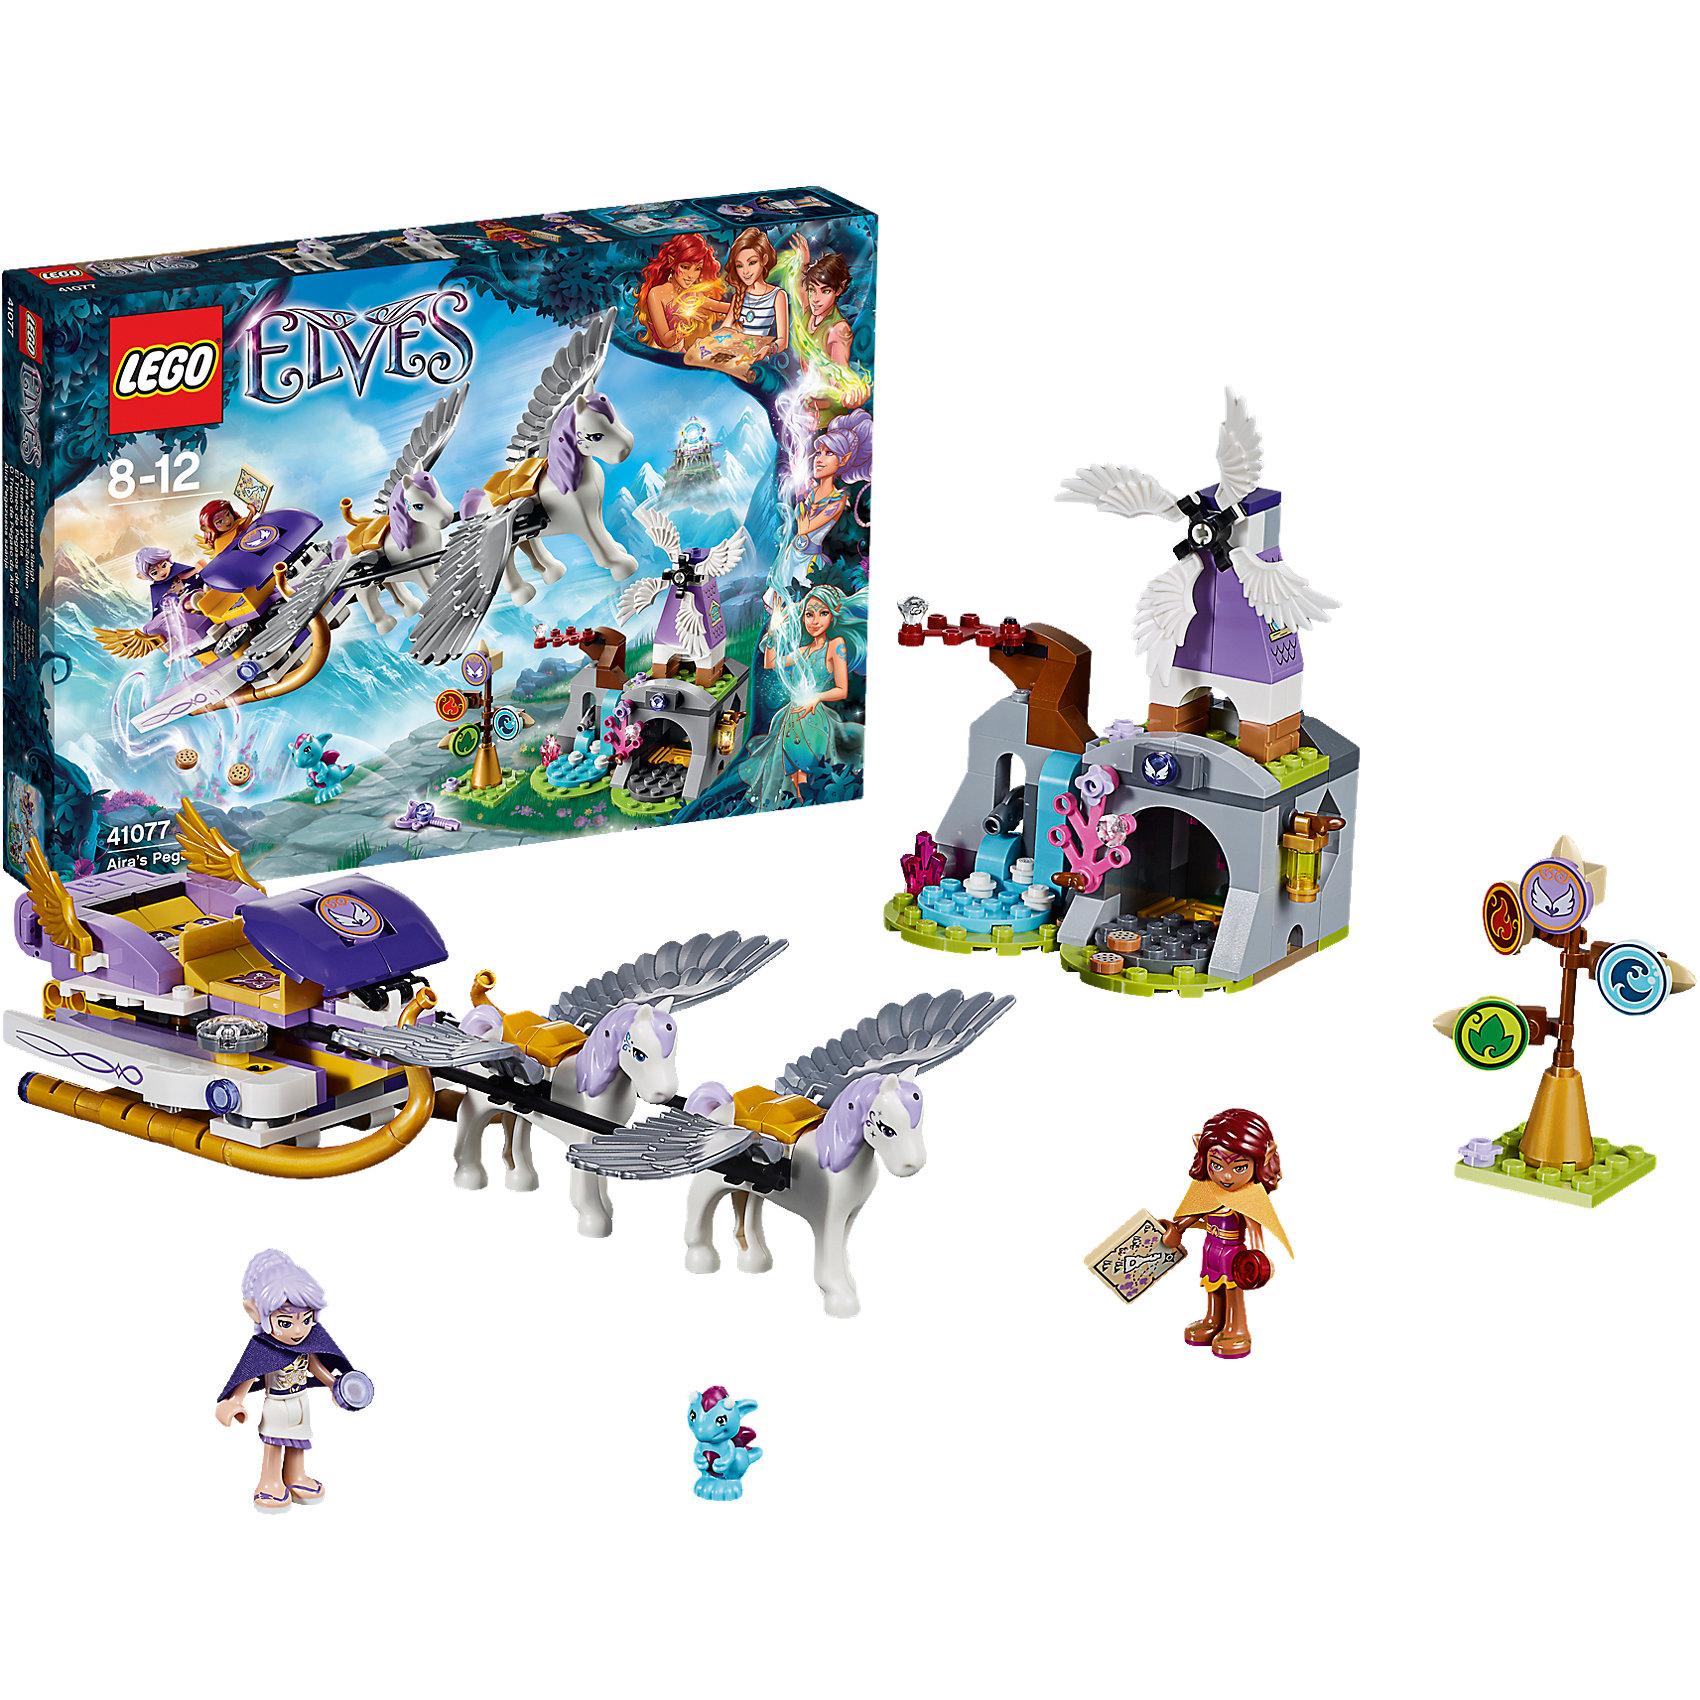 LEGO LEGO Elves 41077: Летающие сани Эйры lego 8 lego elves 41077 лего эльфы летающие сани эйры